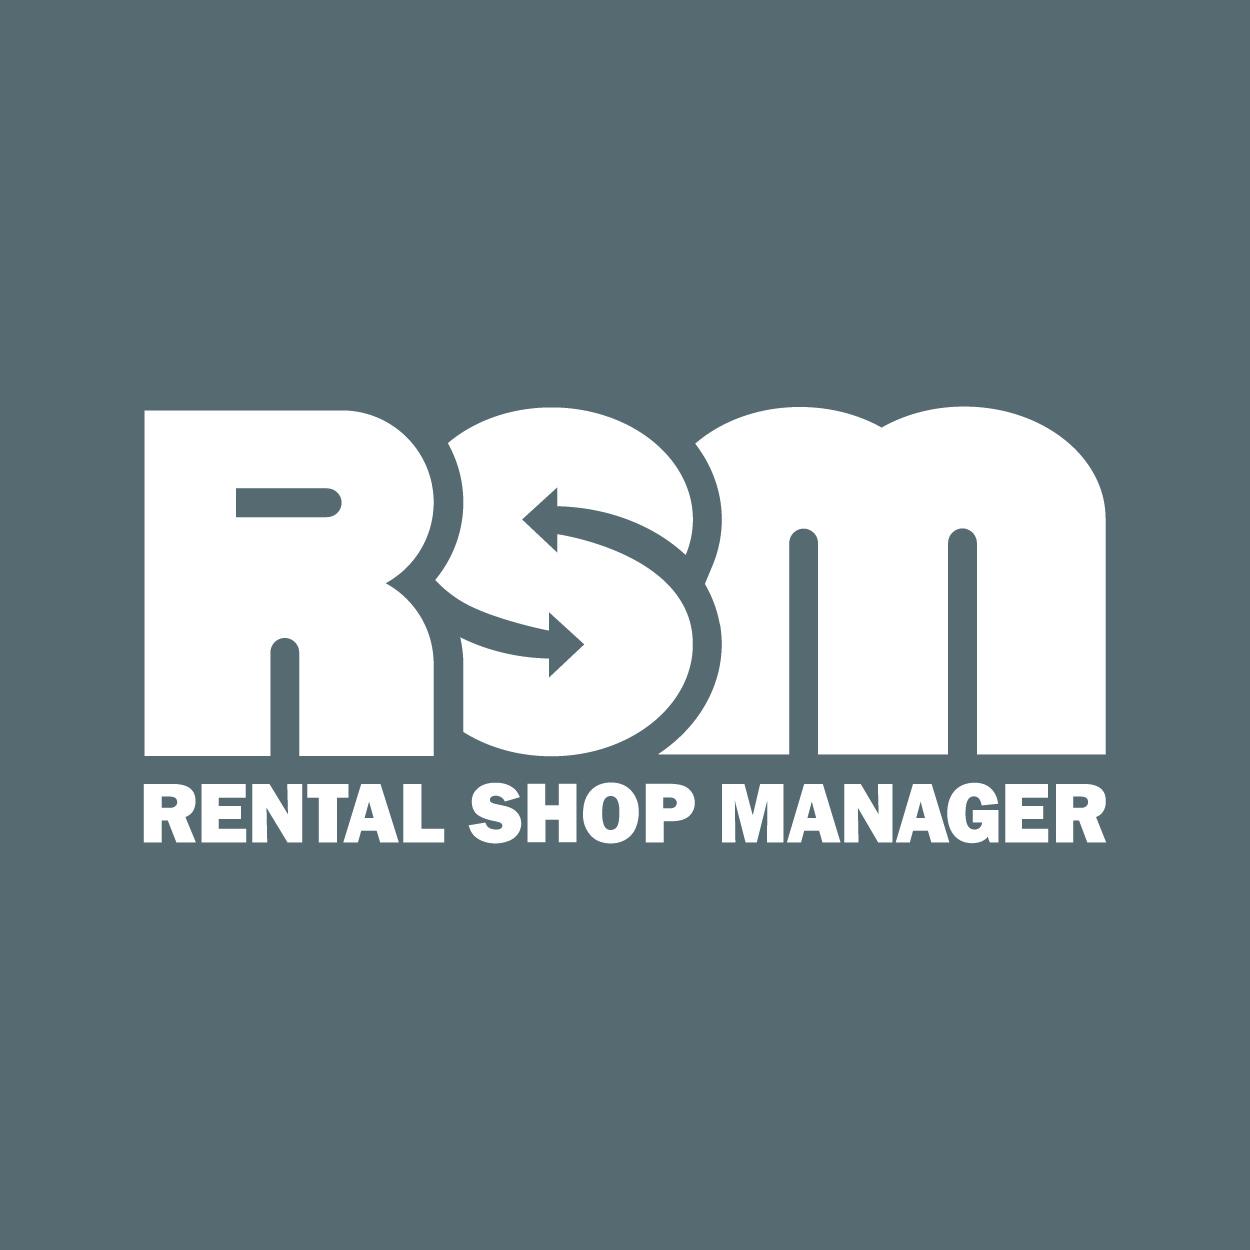 https://www.lightspeedhq.com/wp-content/uploads/2016/04/RSM_logo_reversed.jpg